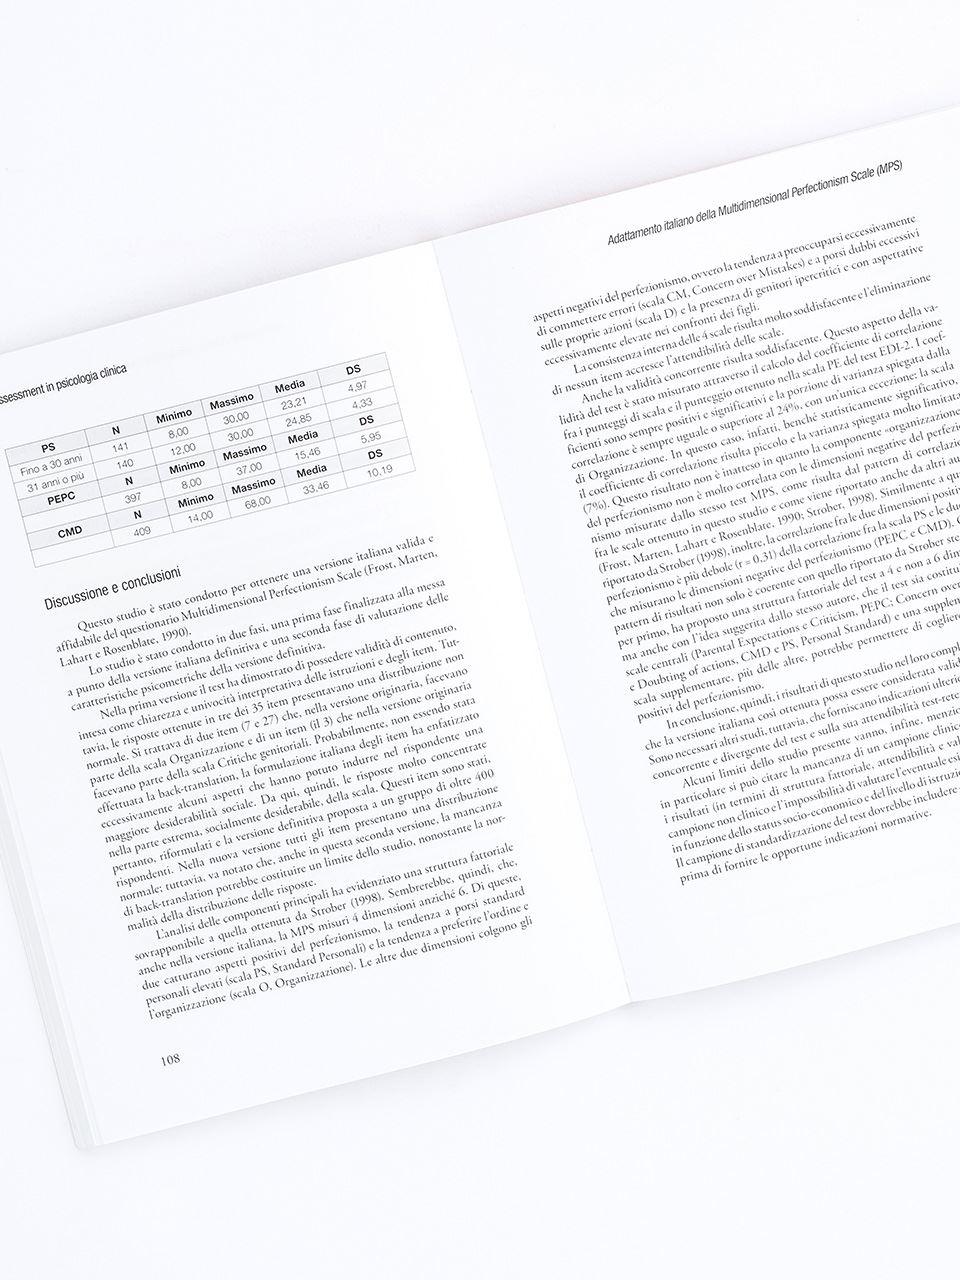 Assessment in psicologia clinica - Libri - Erickson 2